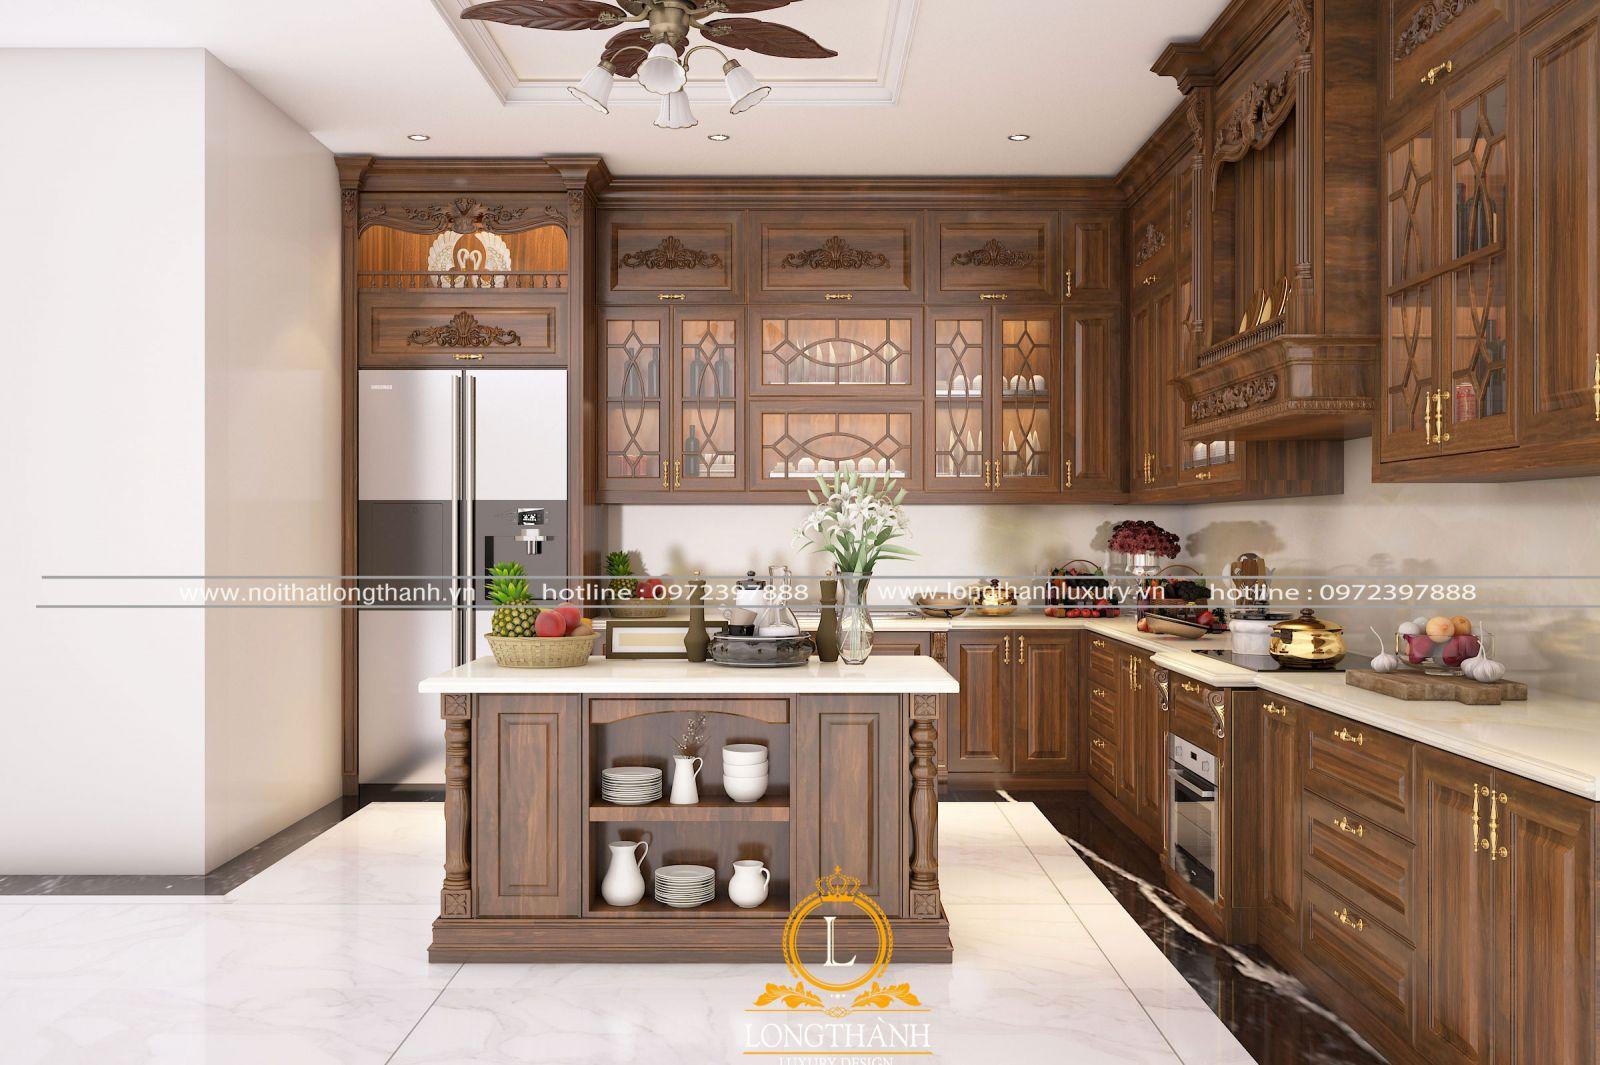 Bộ tủ bếp đẹp được bố trí bàn đảo